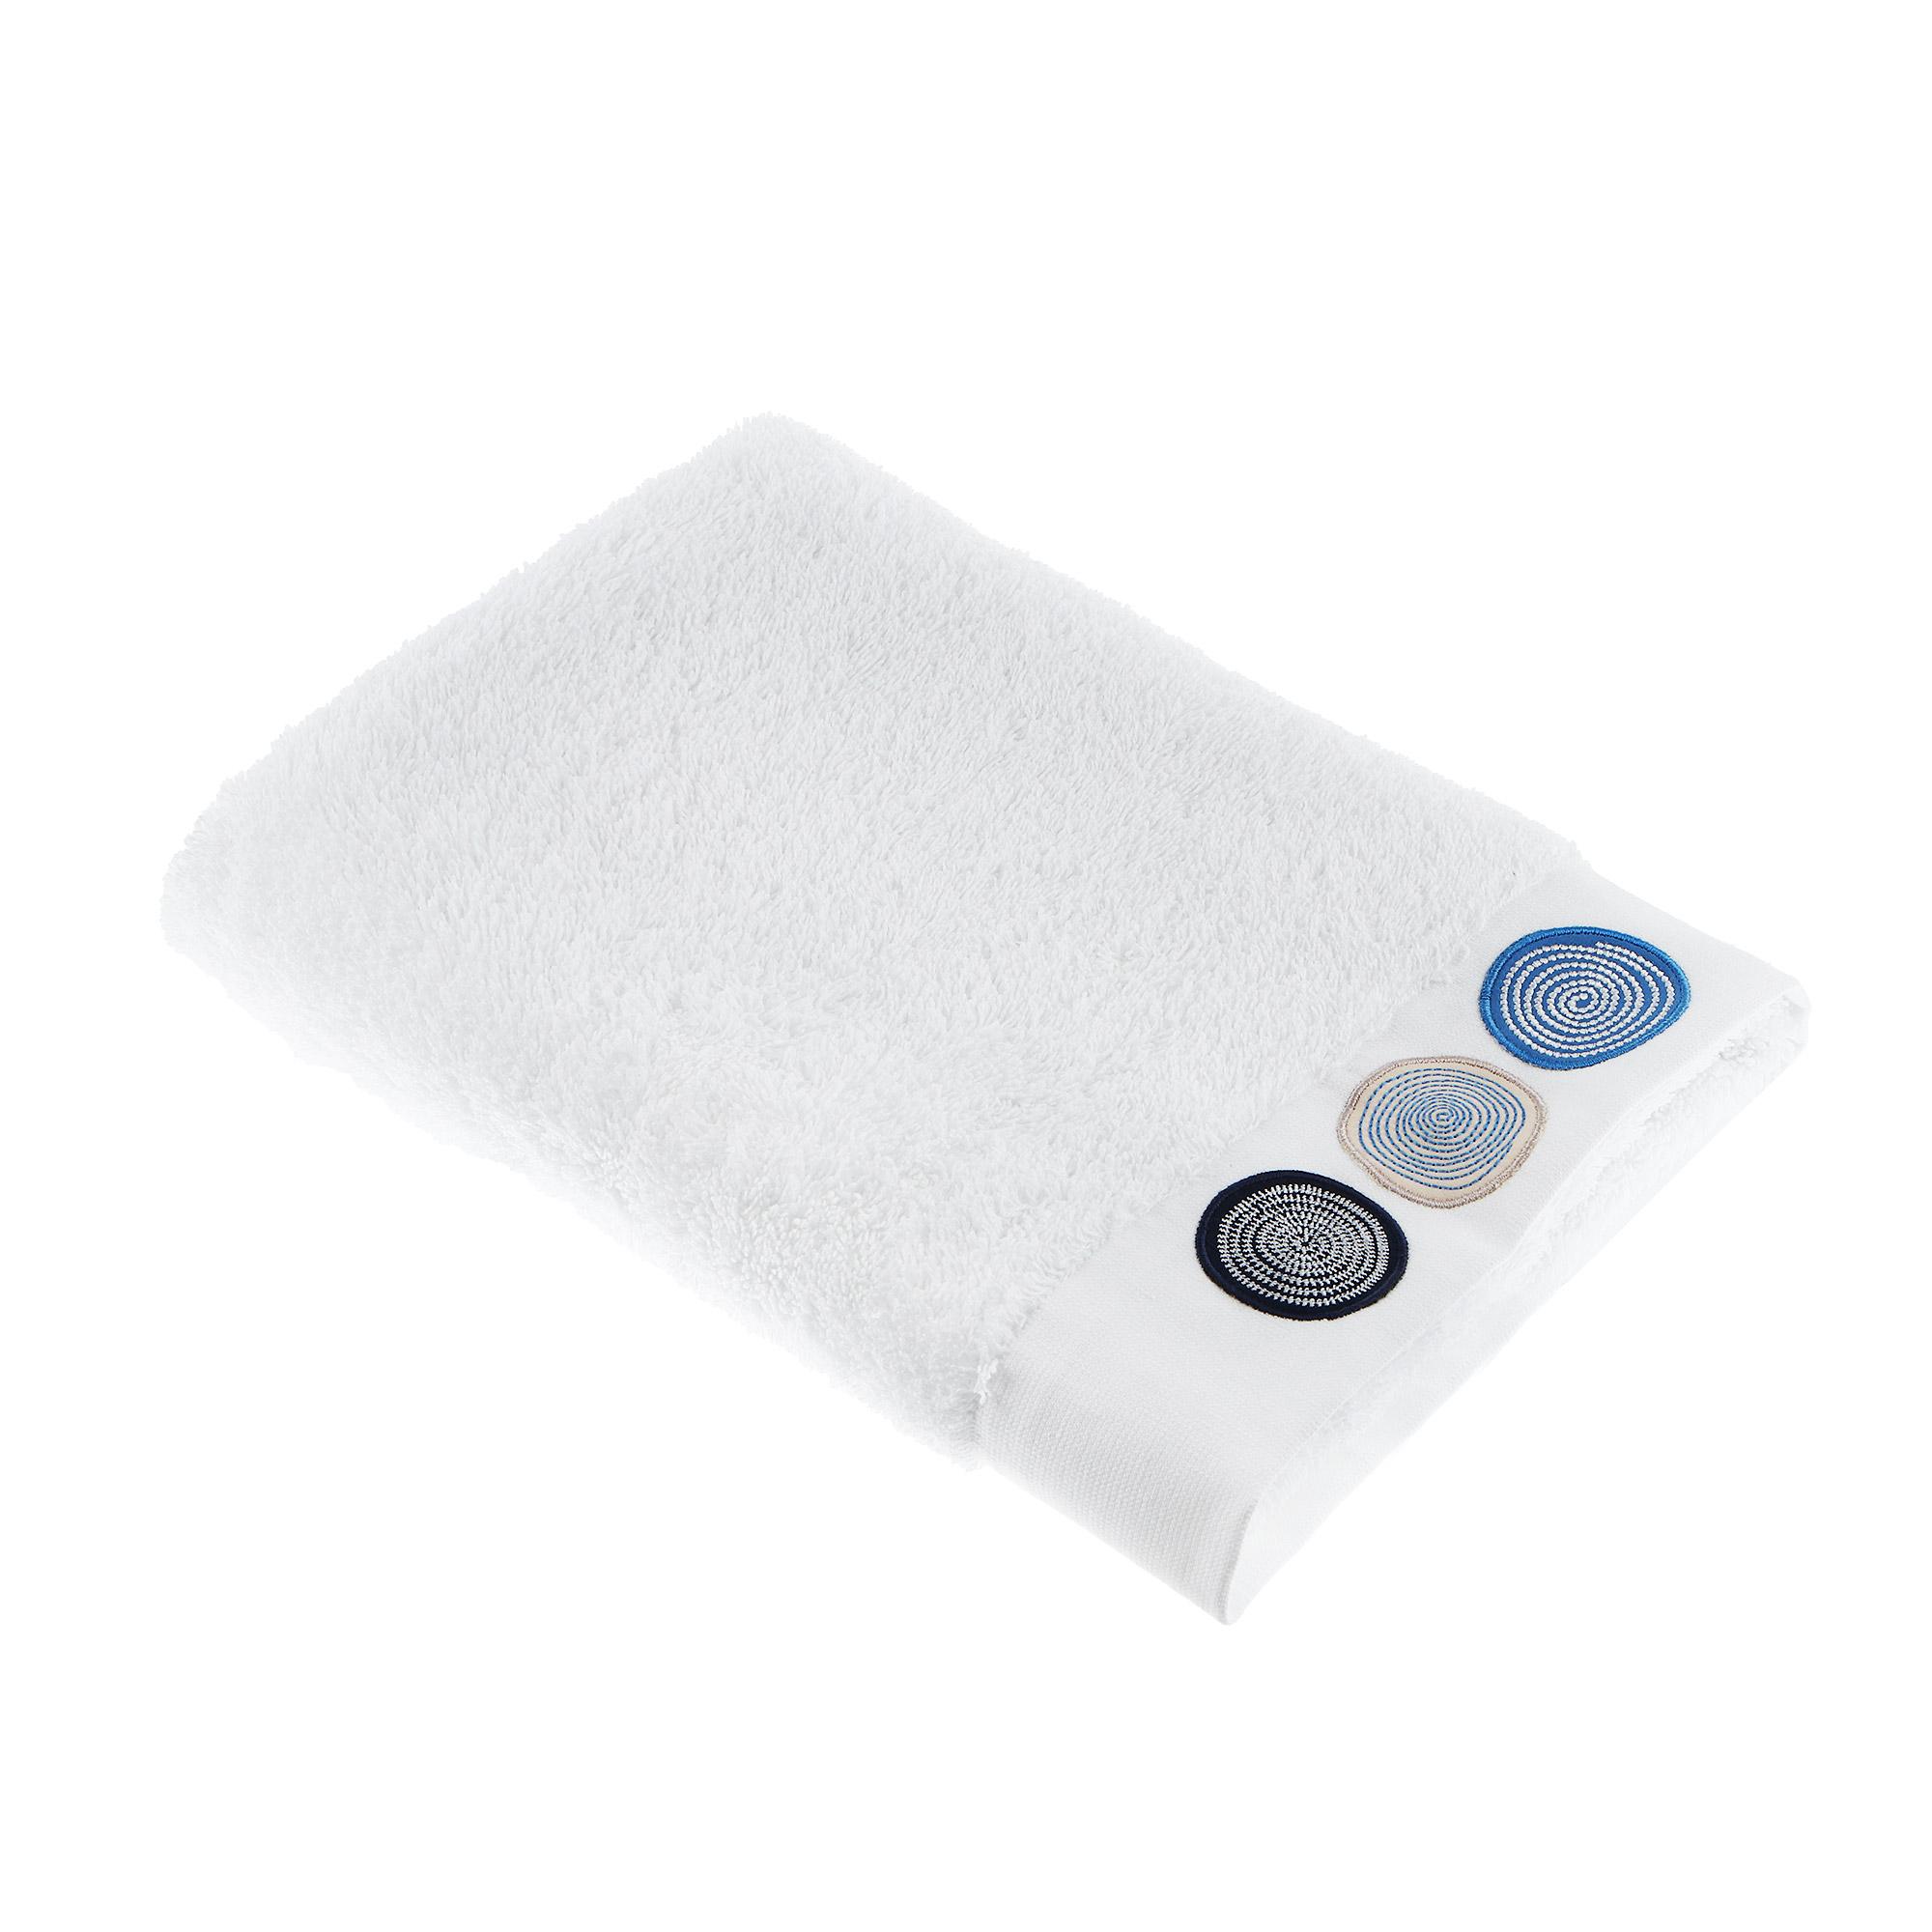 Полотенце махровое Asil lux etno 50x100 полотенце двухстороннее 50x100 asil powder